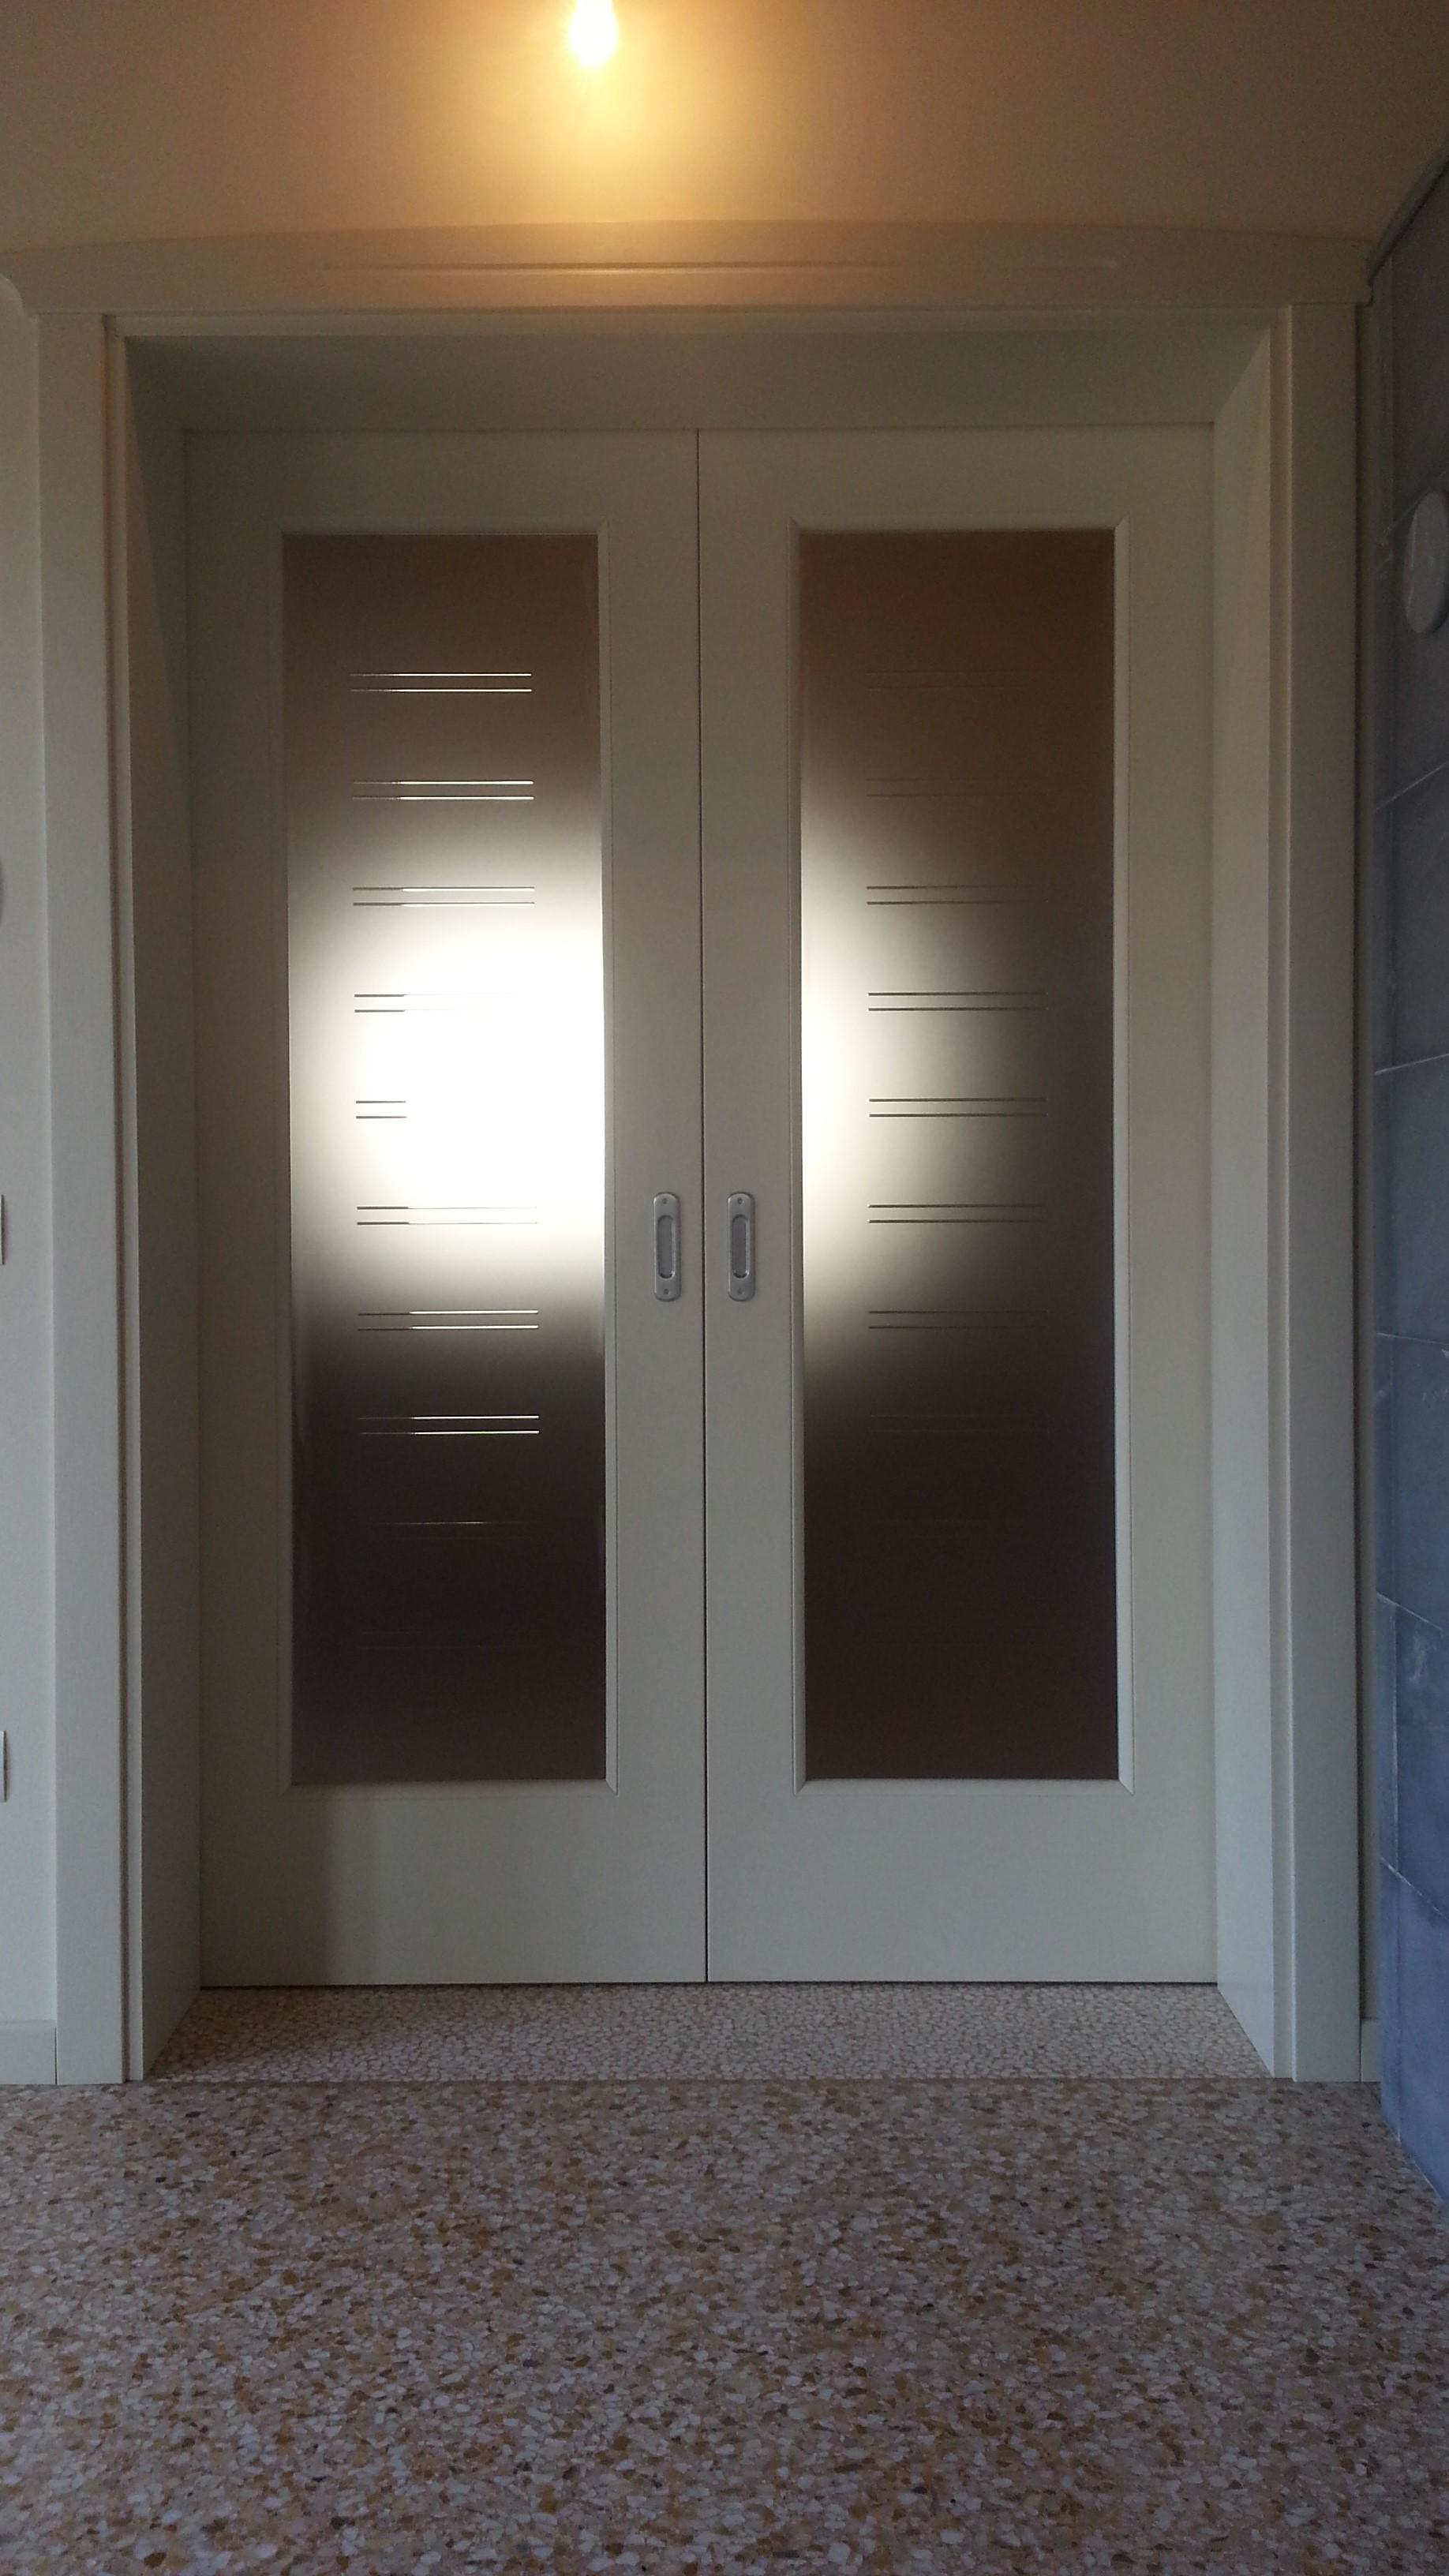 Alberti serramenti porte e finestre made in italy - Finestre in kit di montaggio ...